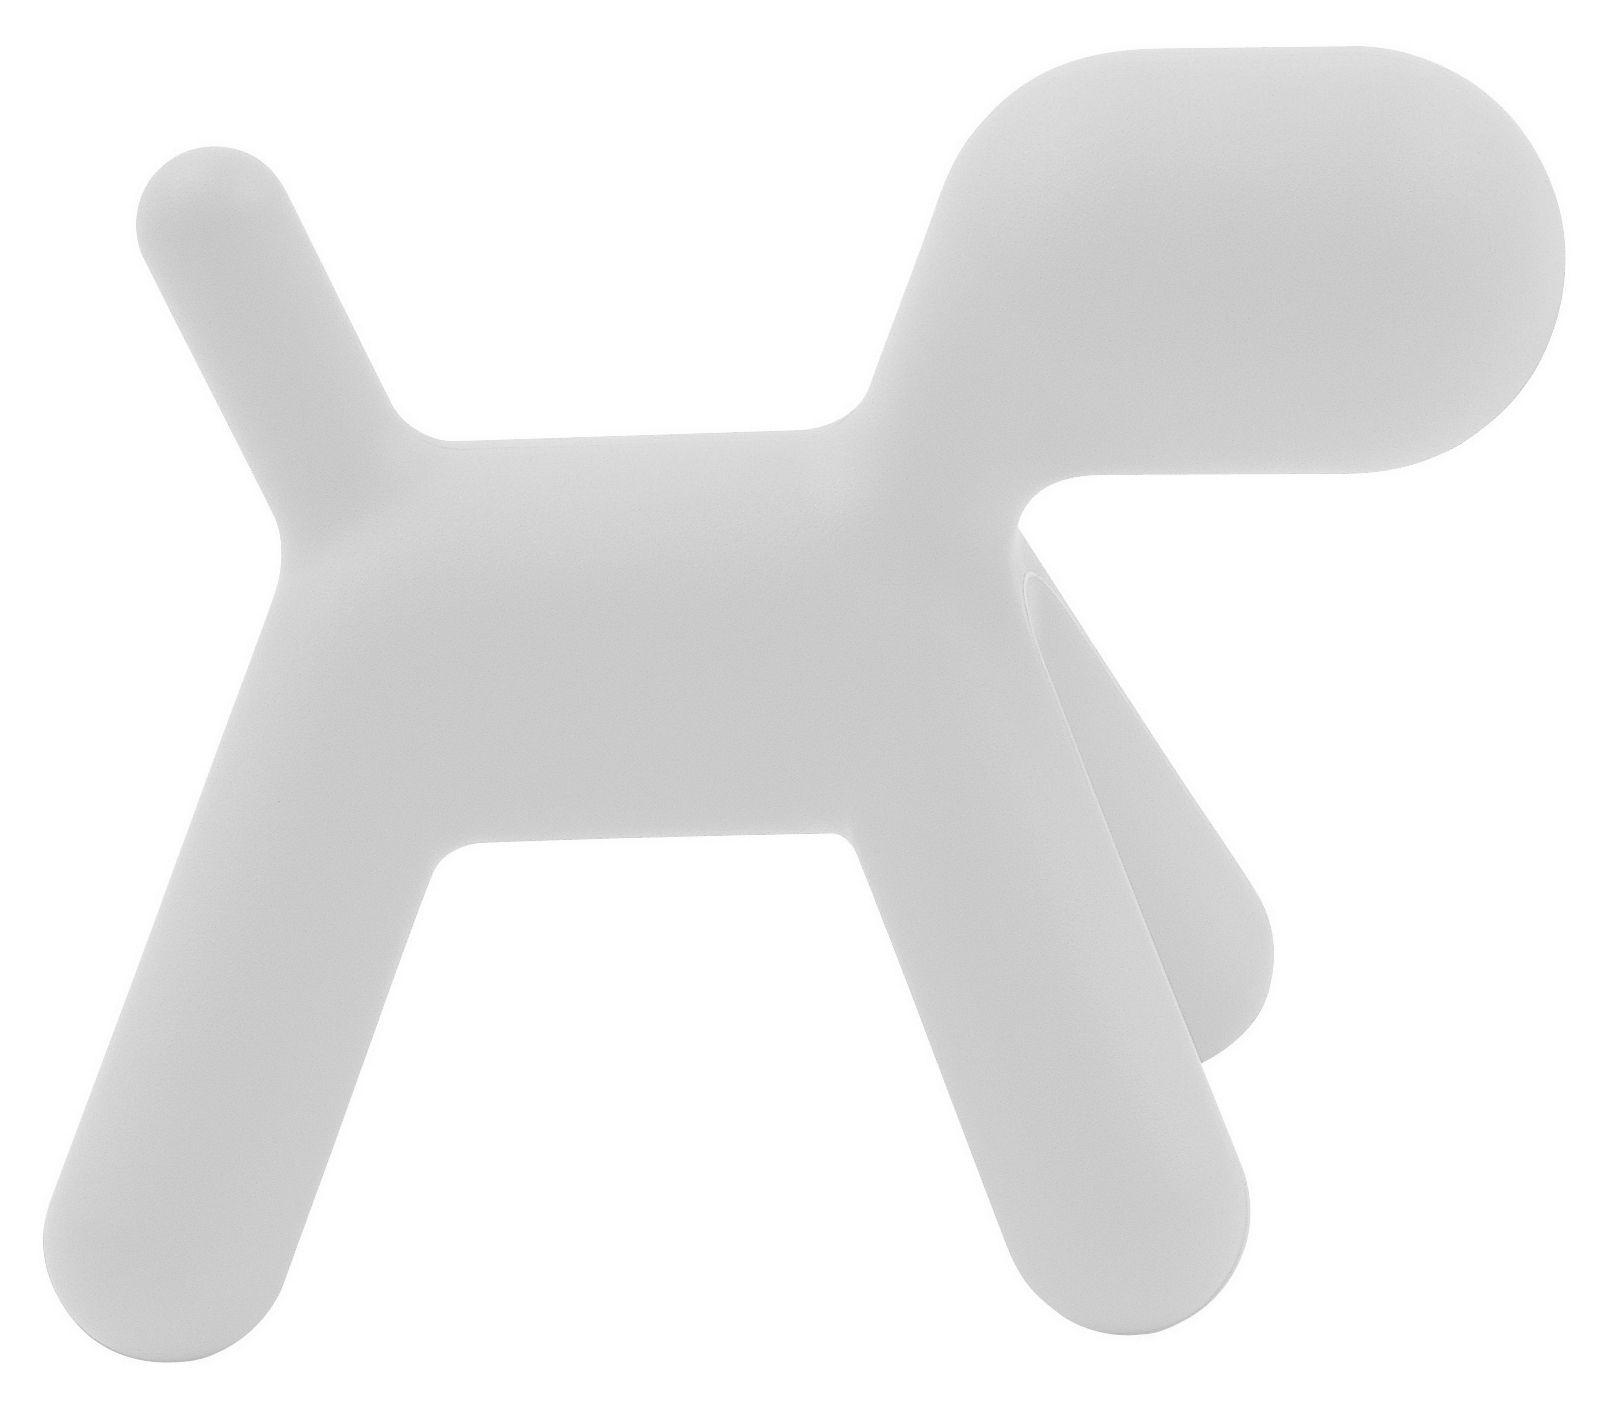 Mobilier - Mobilier Kids - Chaise enfant Puppy Extra Large L 102 cm - Magis Collection Me Too - Blanc mat - Polyéthylène